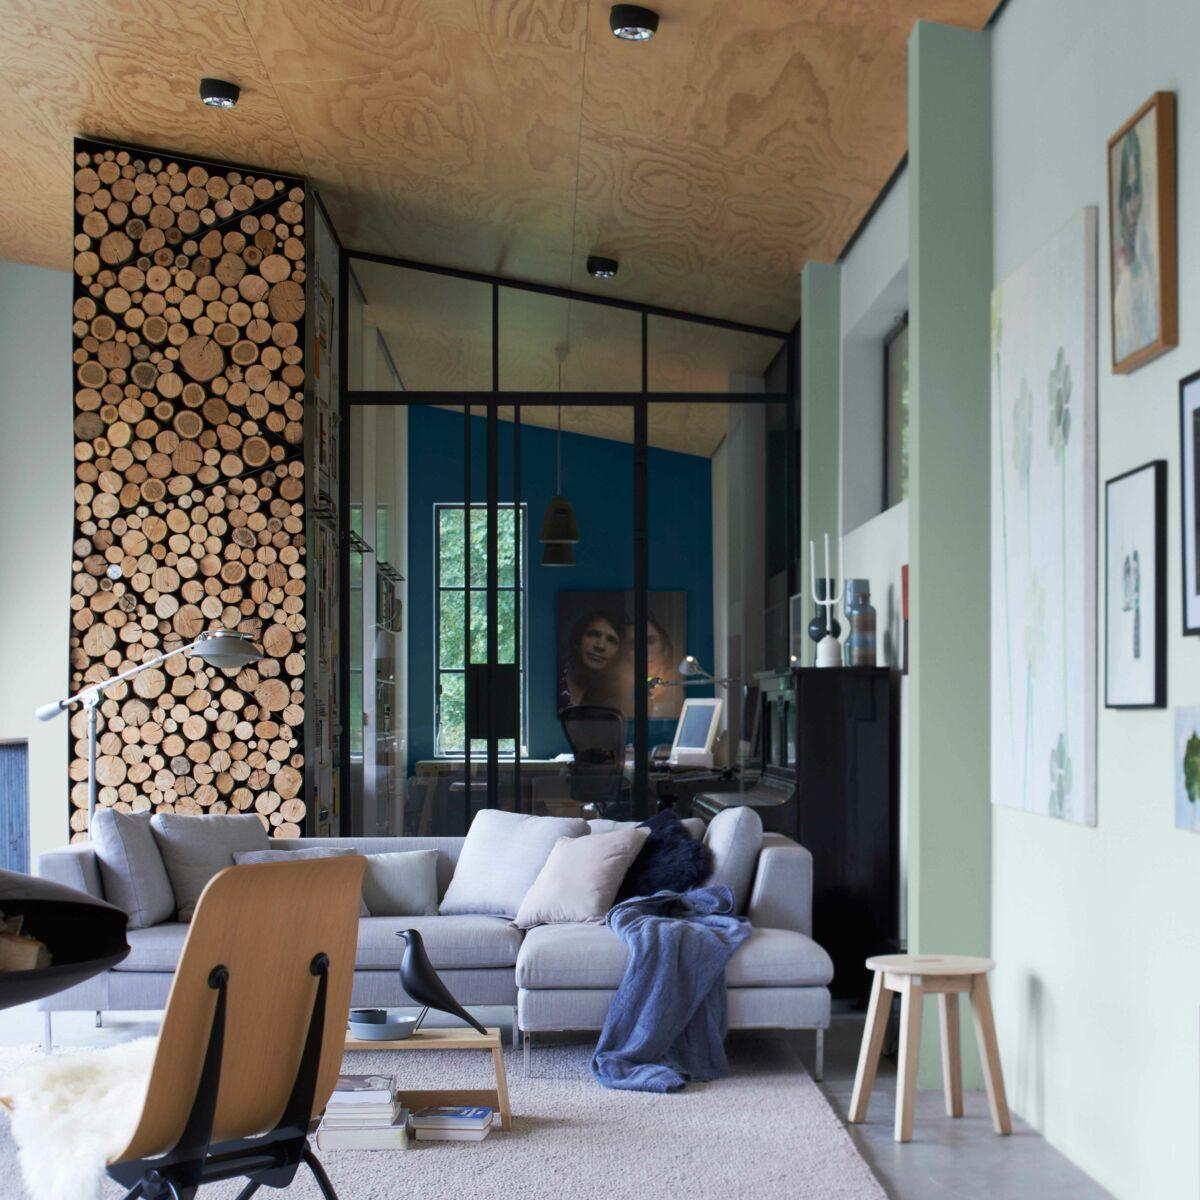 Avec Quelle Couleur Associer Le Fushia peinture intérieure : quelle couleur selon mon style de déco